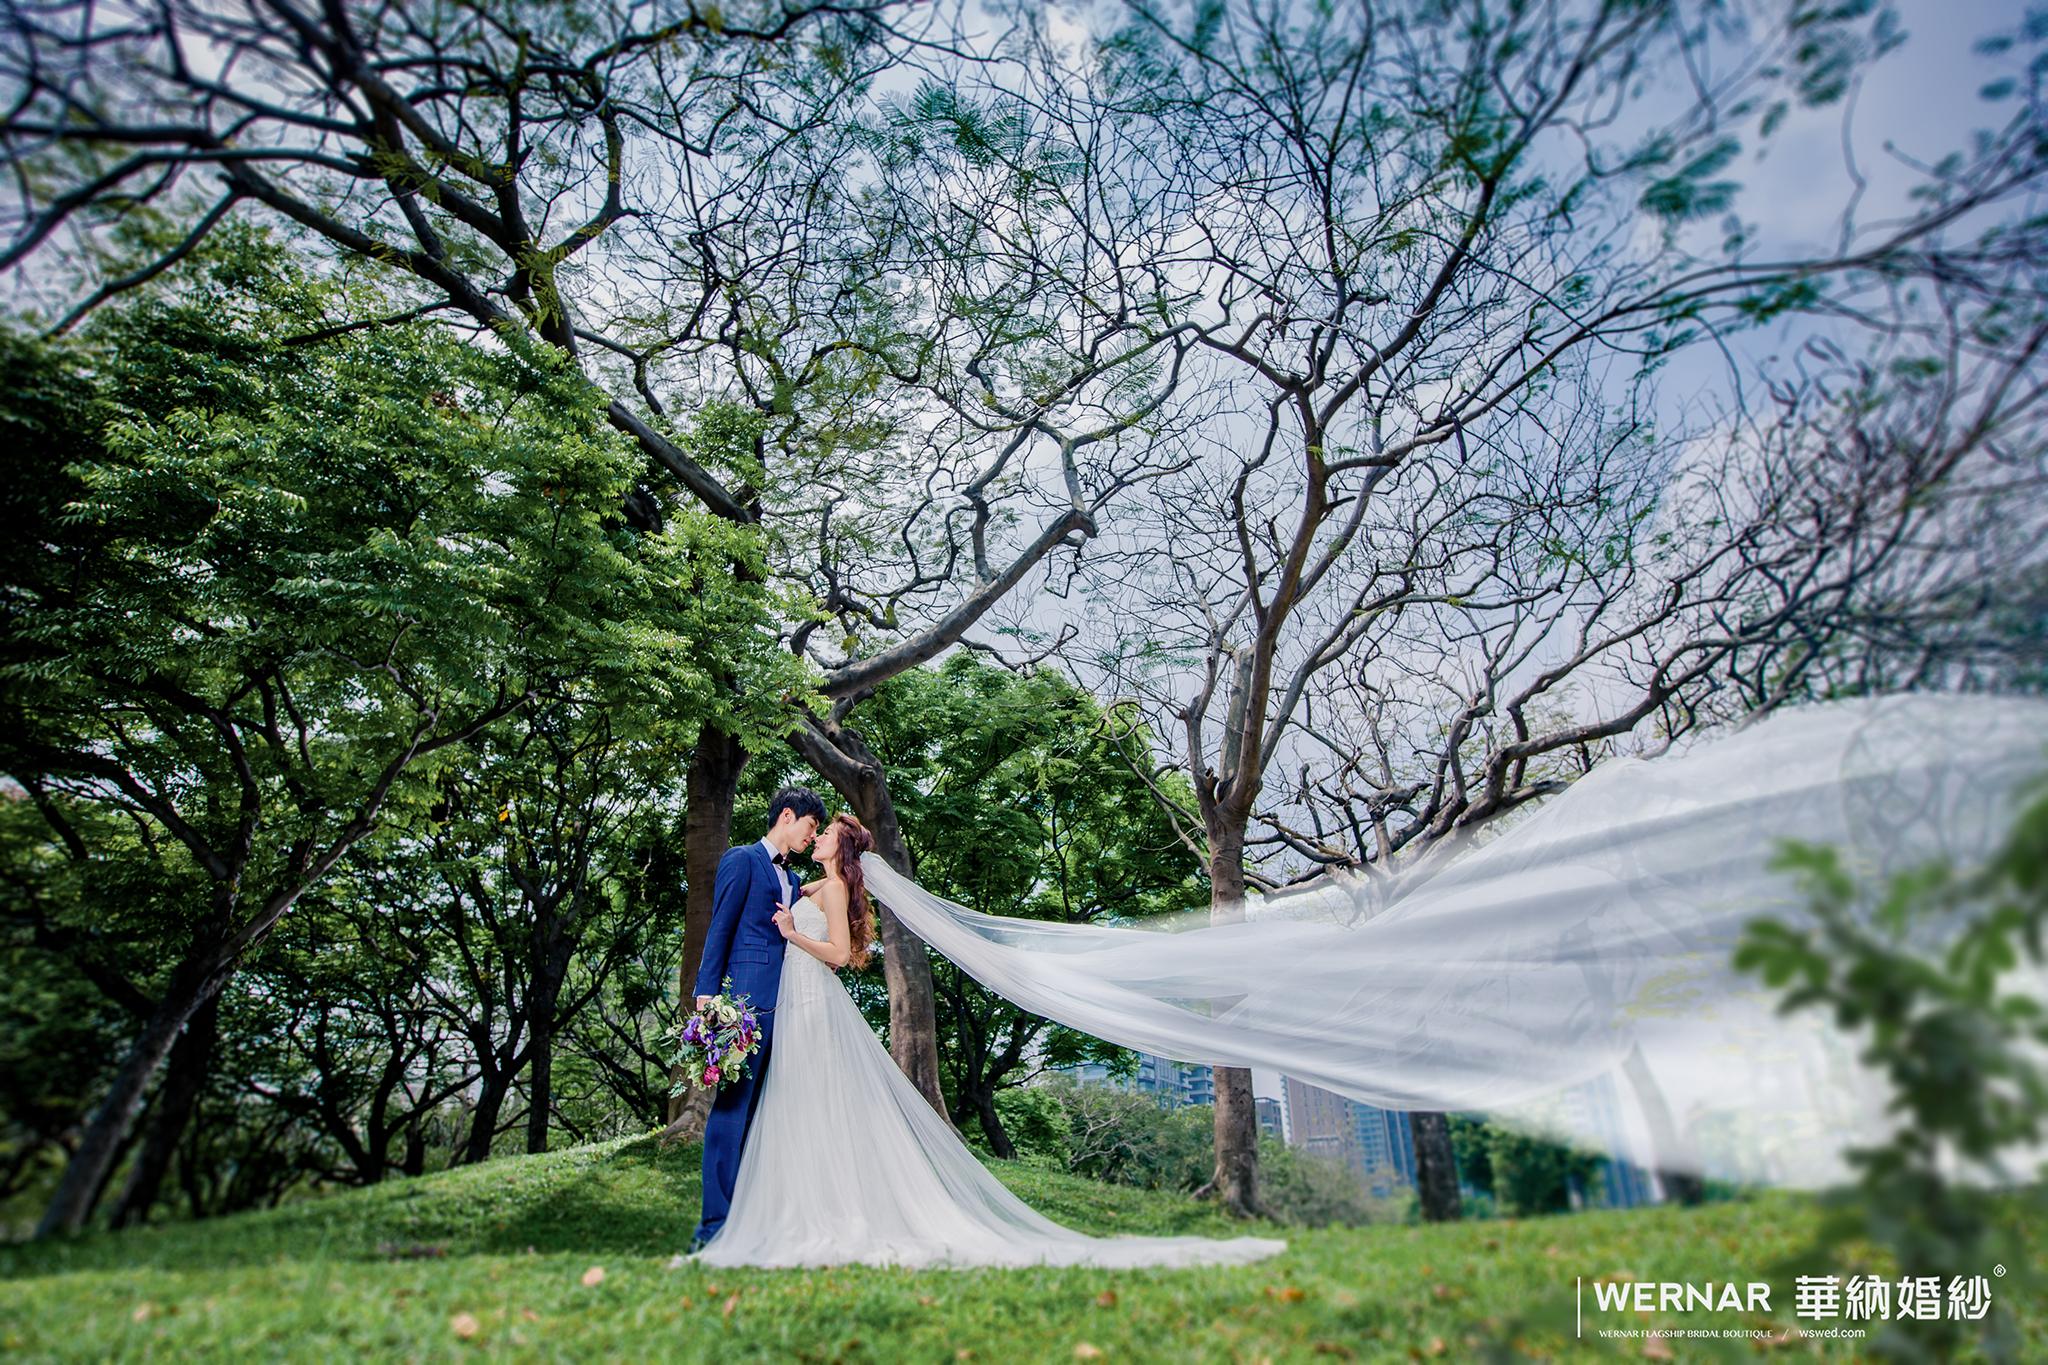 婚紗,婚紗照,台中婚紗,婚紗外拍景點,桃園婚紗,婚紗攝影